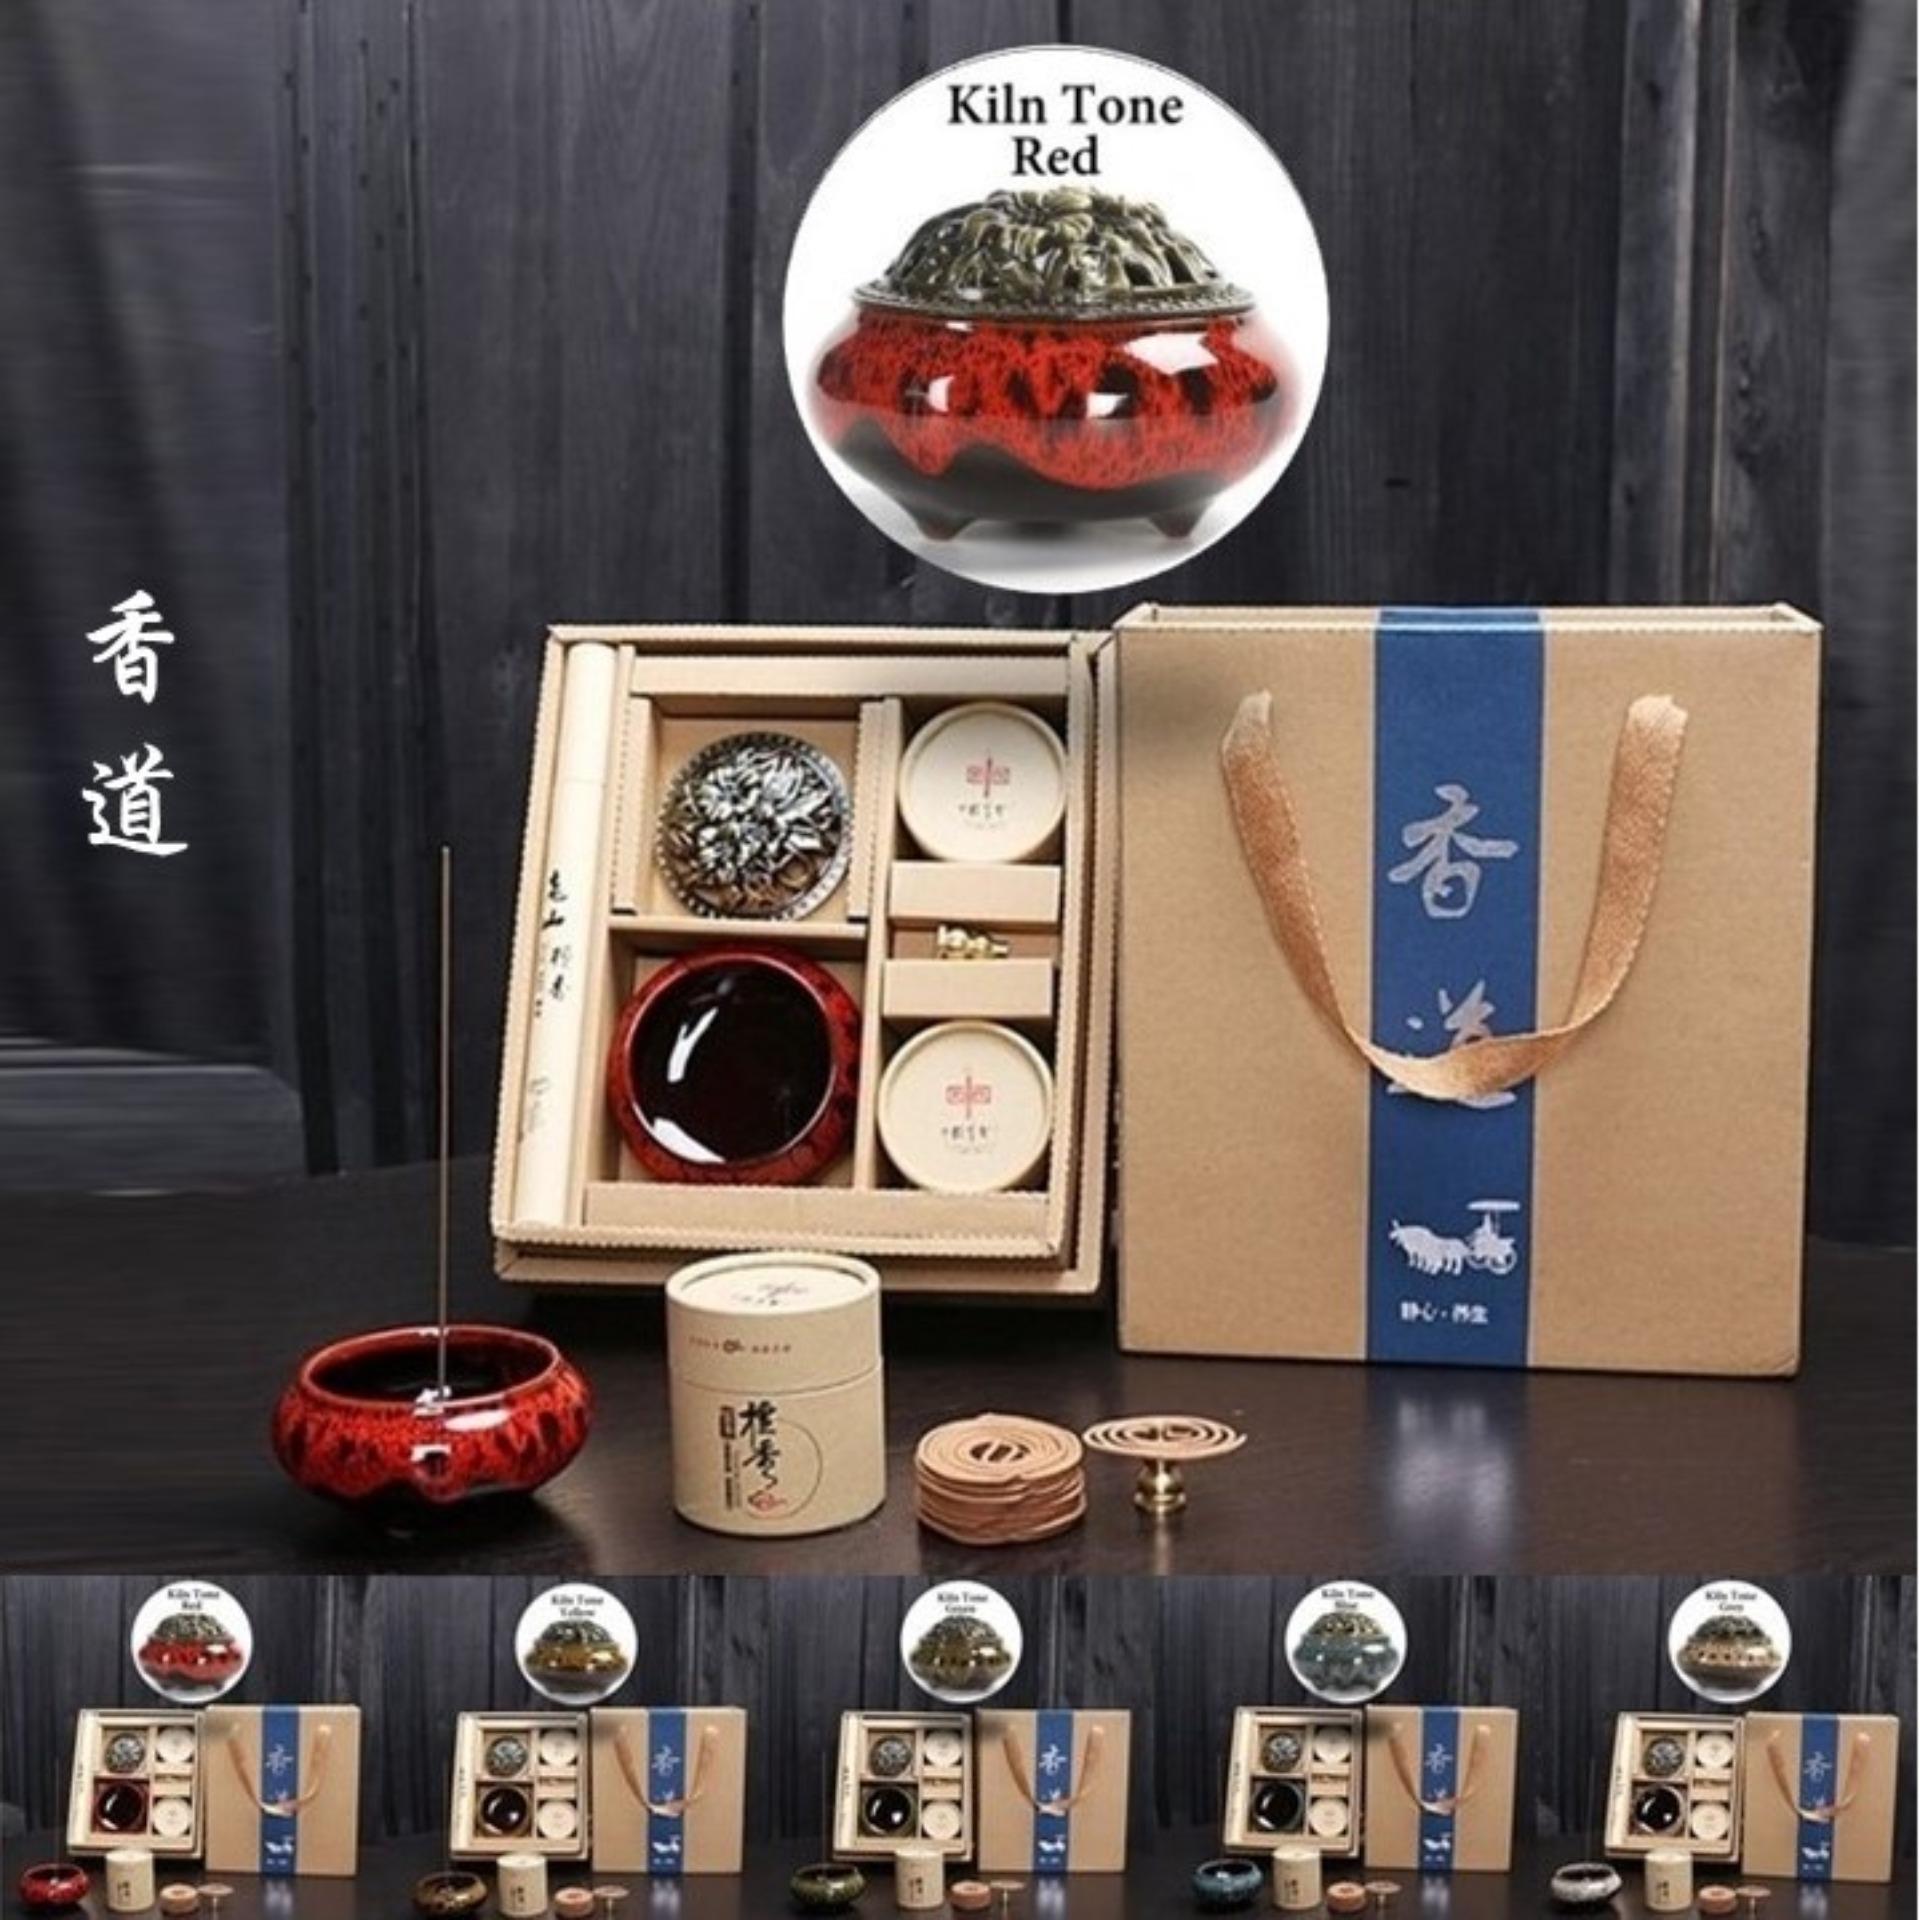 (变窑) Exquisite Ceramic Carved Incense Burner Set comes with incense joss sticks, coils / joss holder